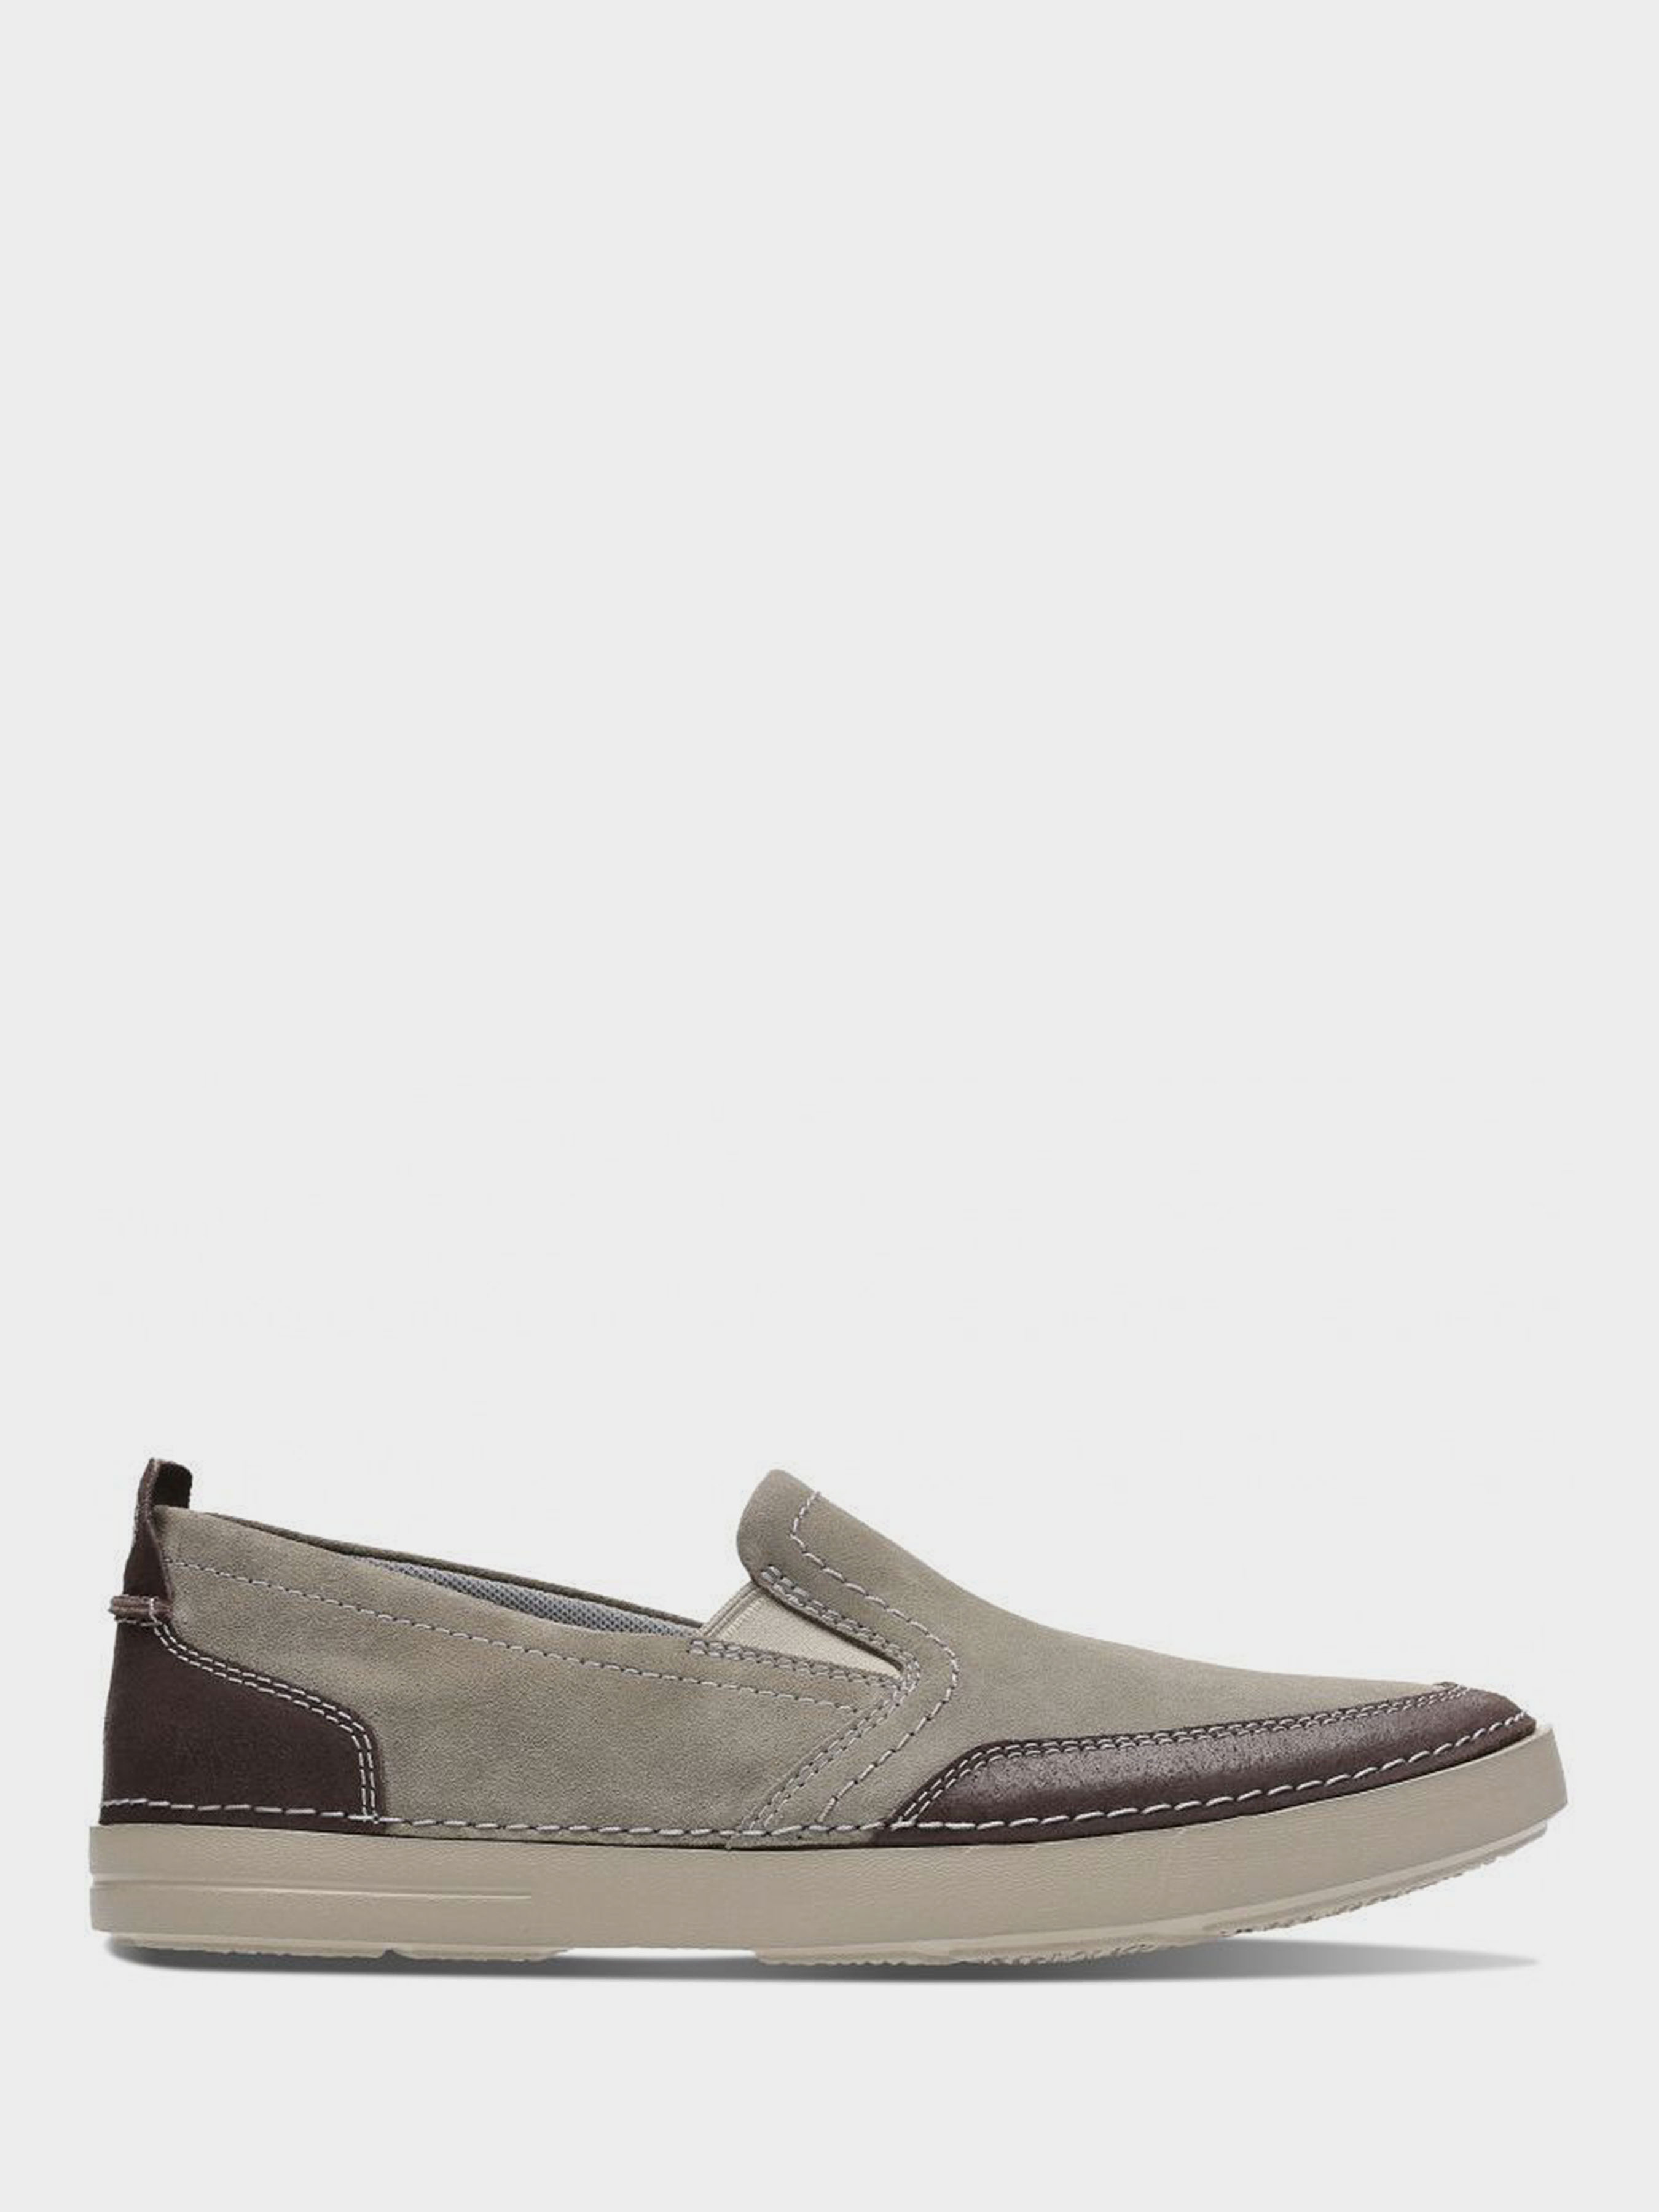 Cлипоны мужские Clarks Gosler Race OM2836 размерная сетка обуви, 2017